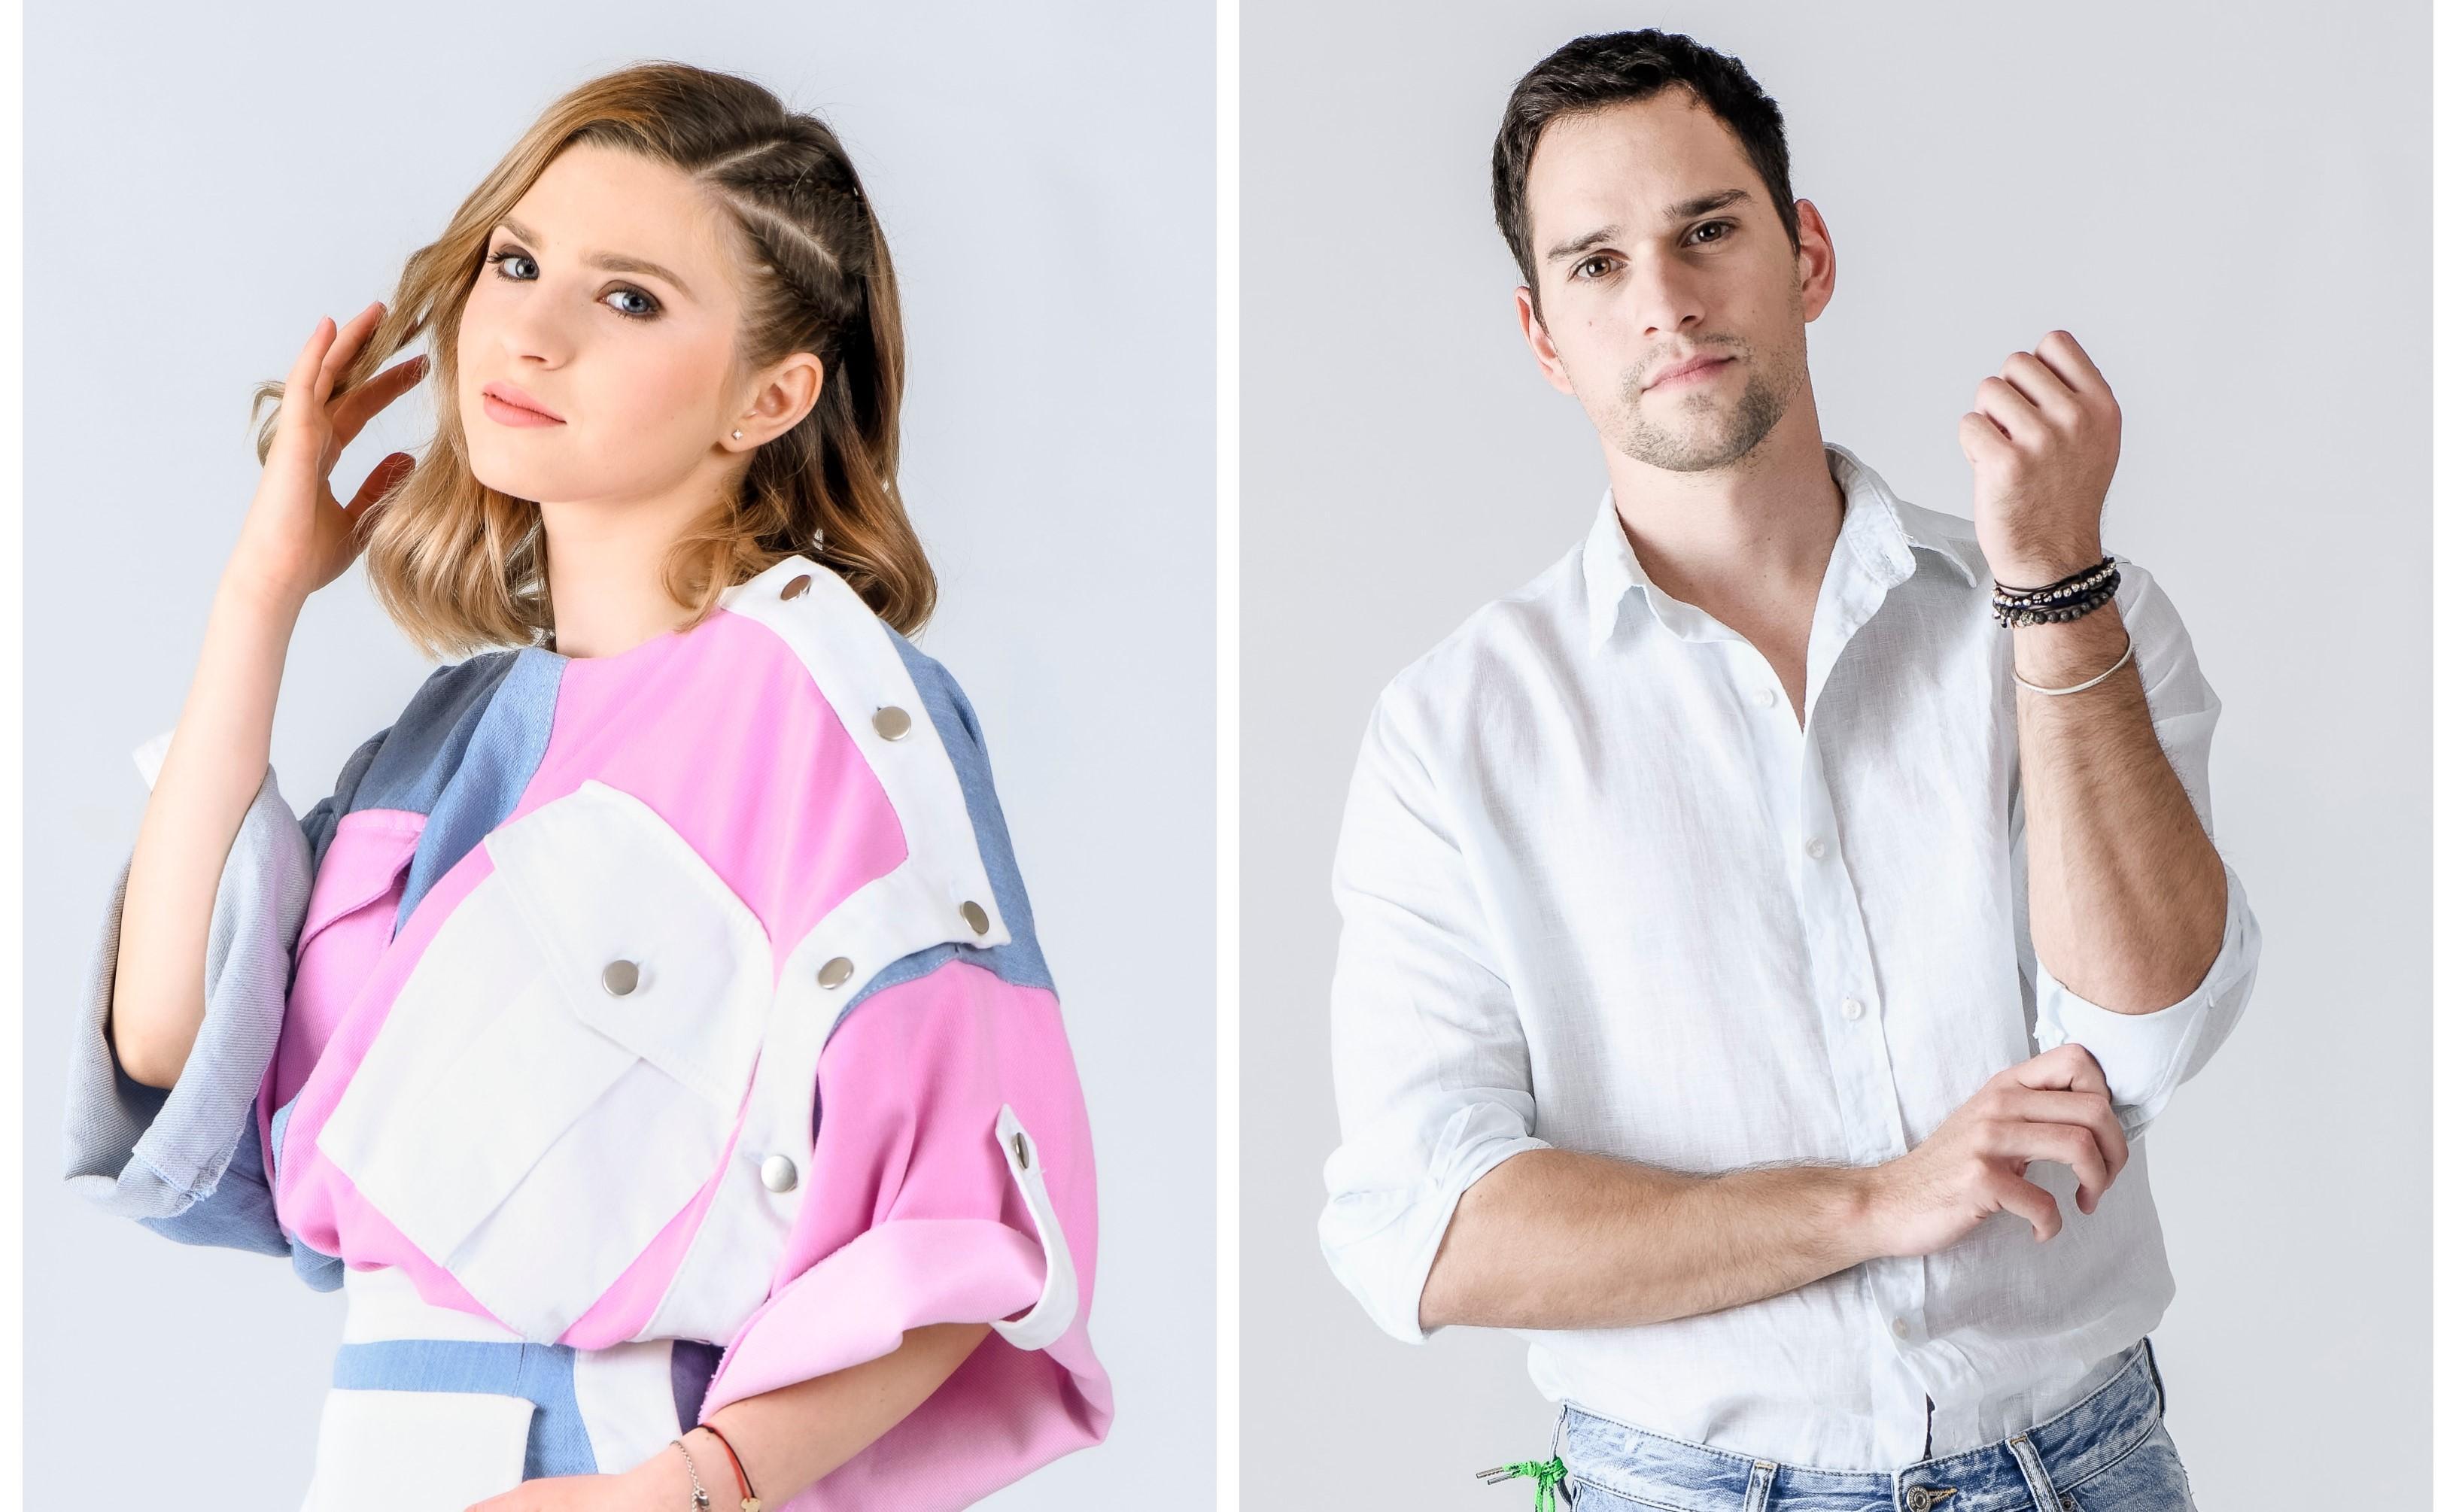 Cristina Ciobănașu și Vlad Gherman prezintă Episodul 3 din Adela – Tot ce nu se vede, pentru site-ul a1.ro